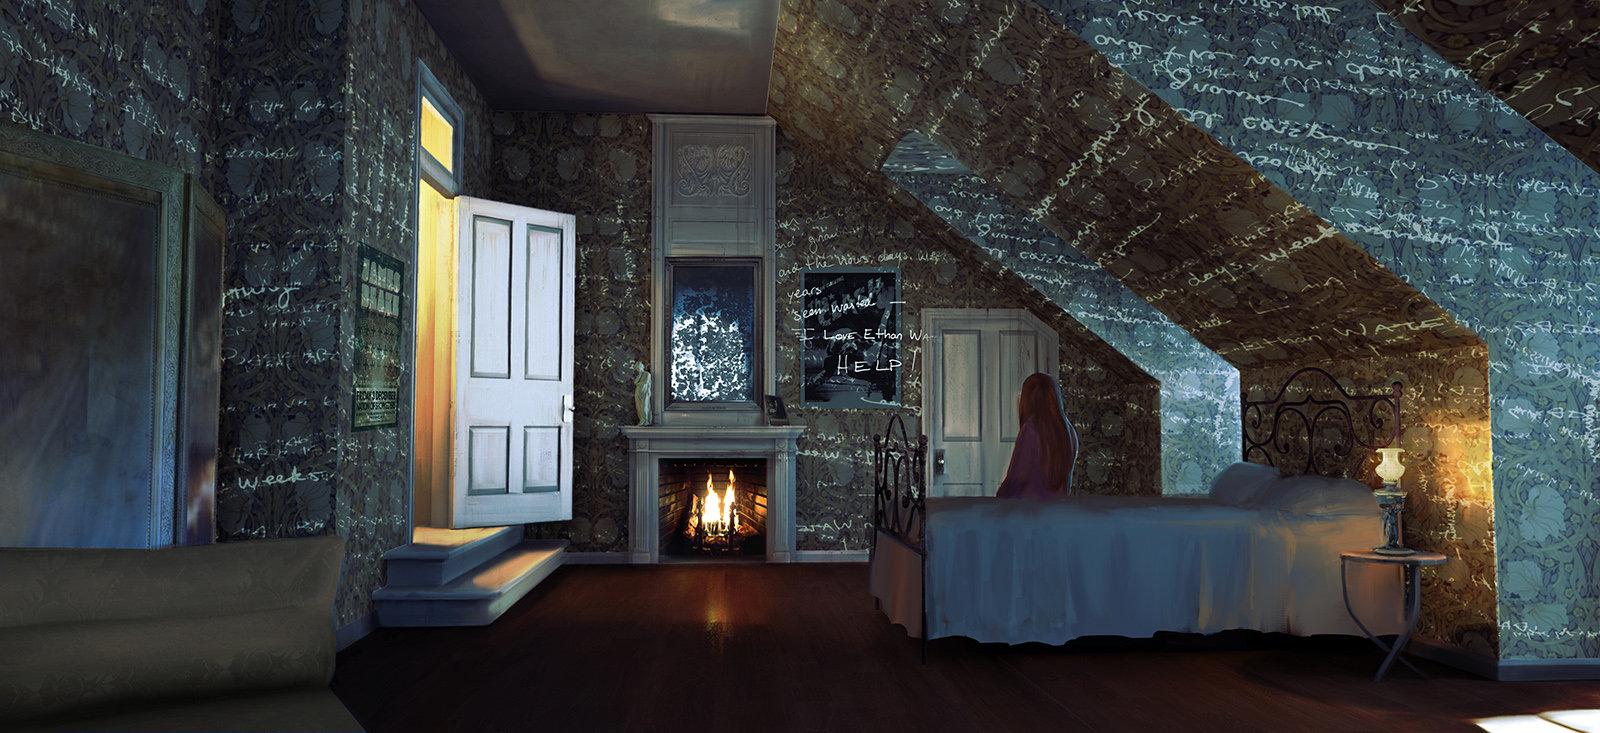 Lena's room